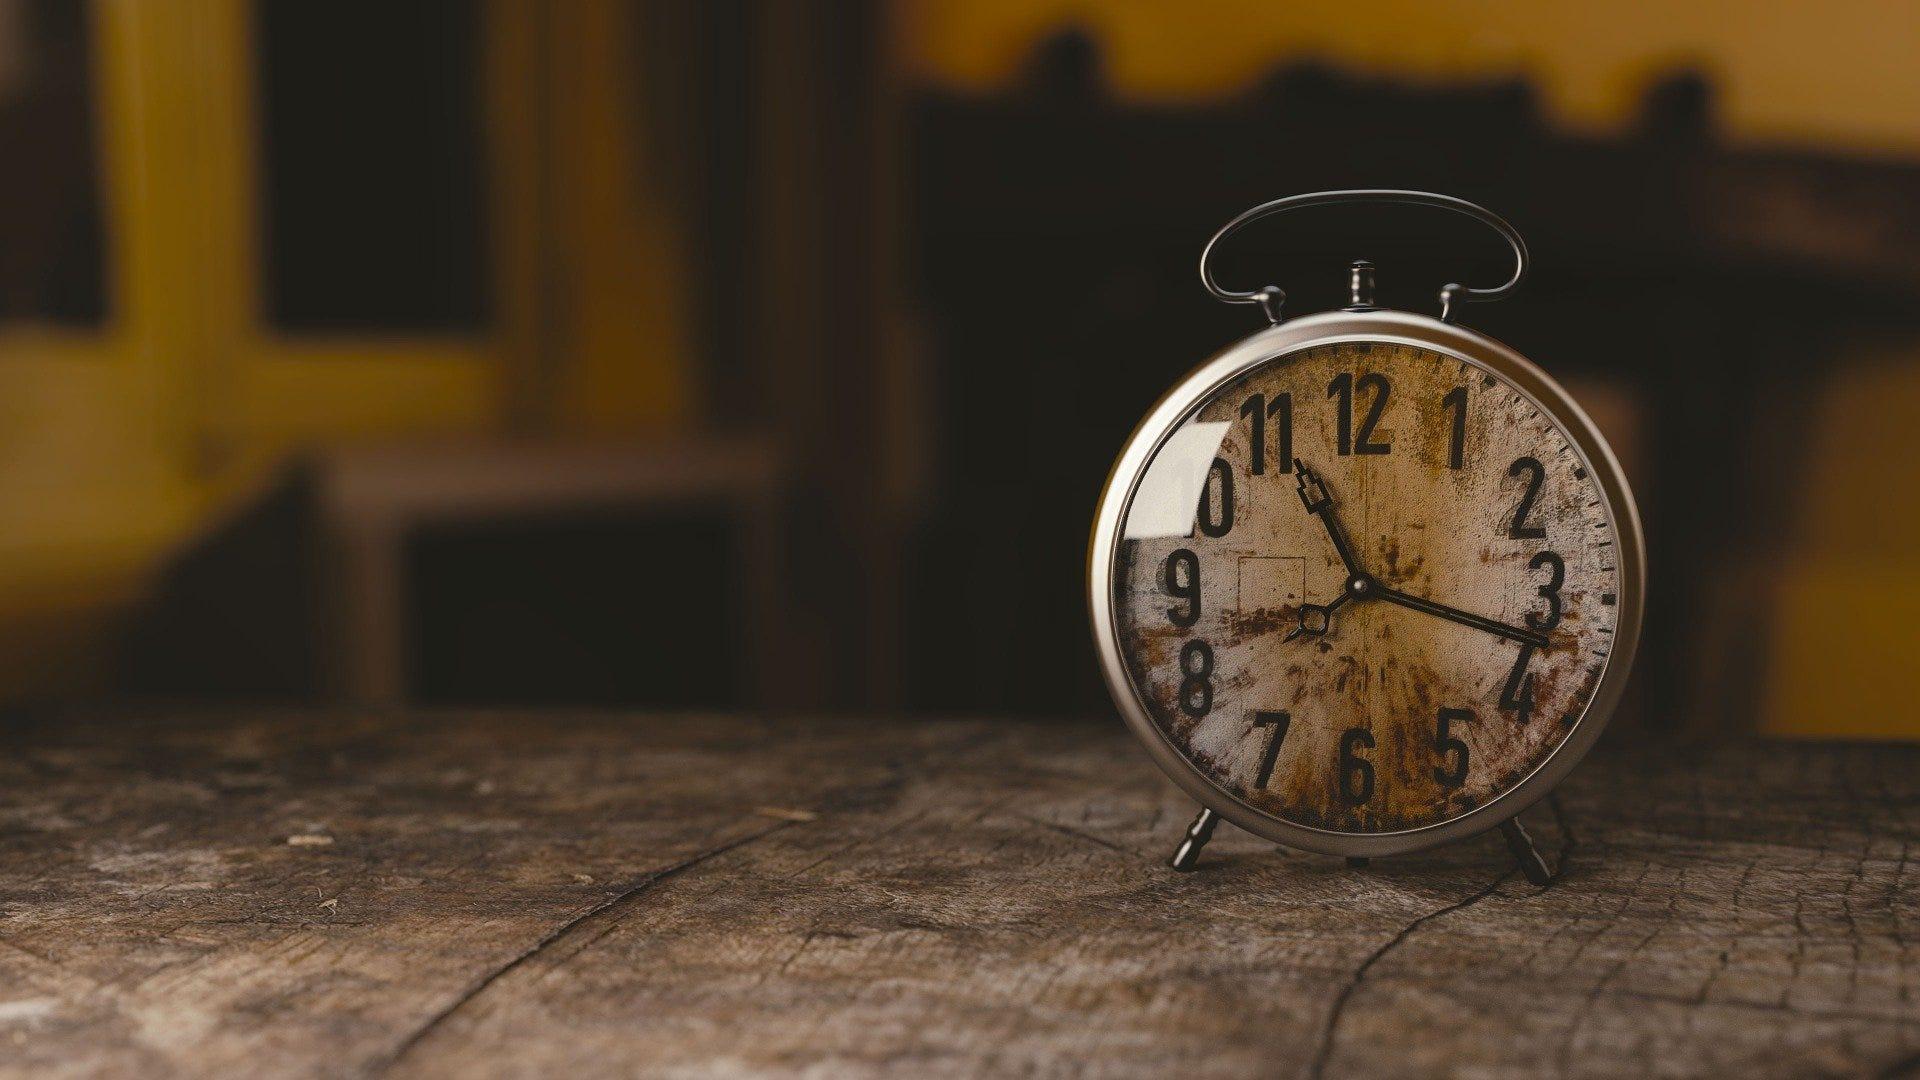 Pensione anticipata a 58,  62 e 65 anni: le possibilità di lasciare il lavoro